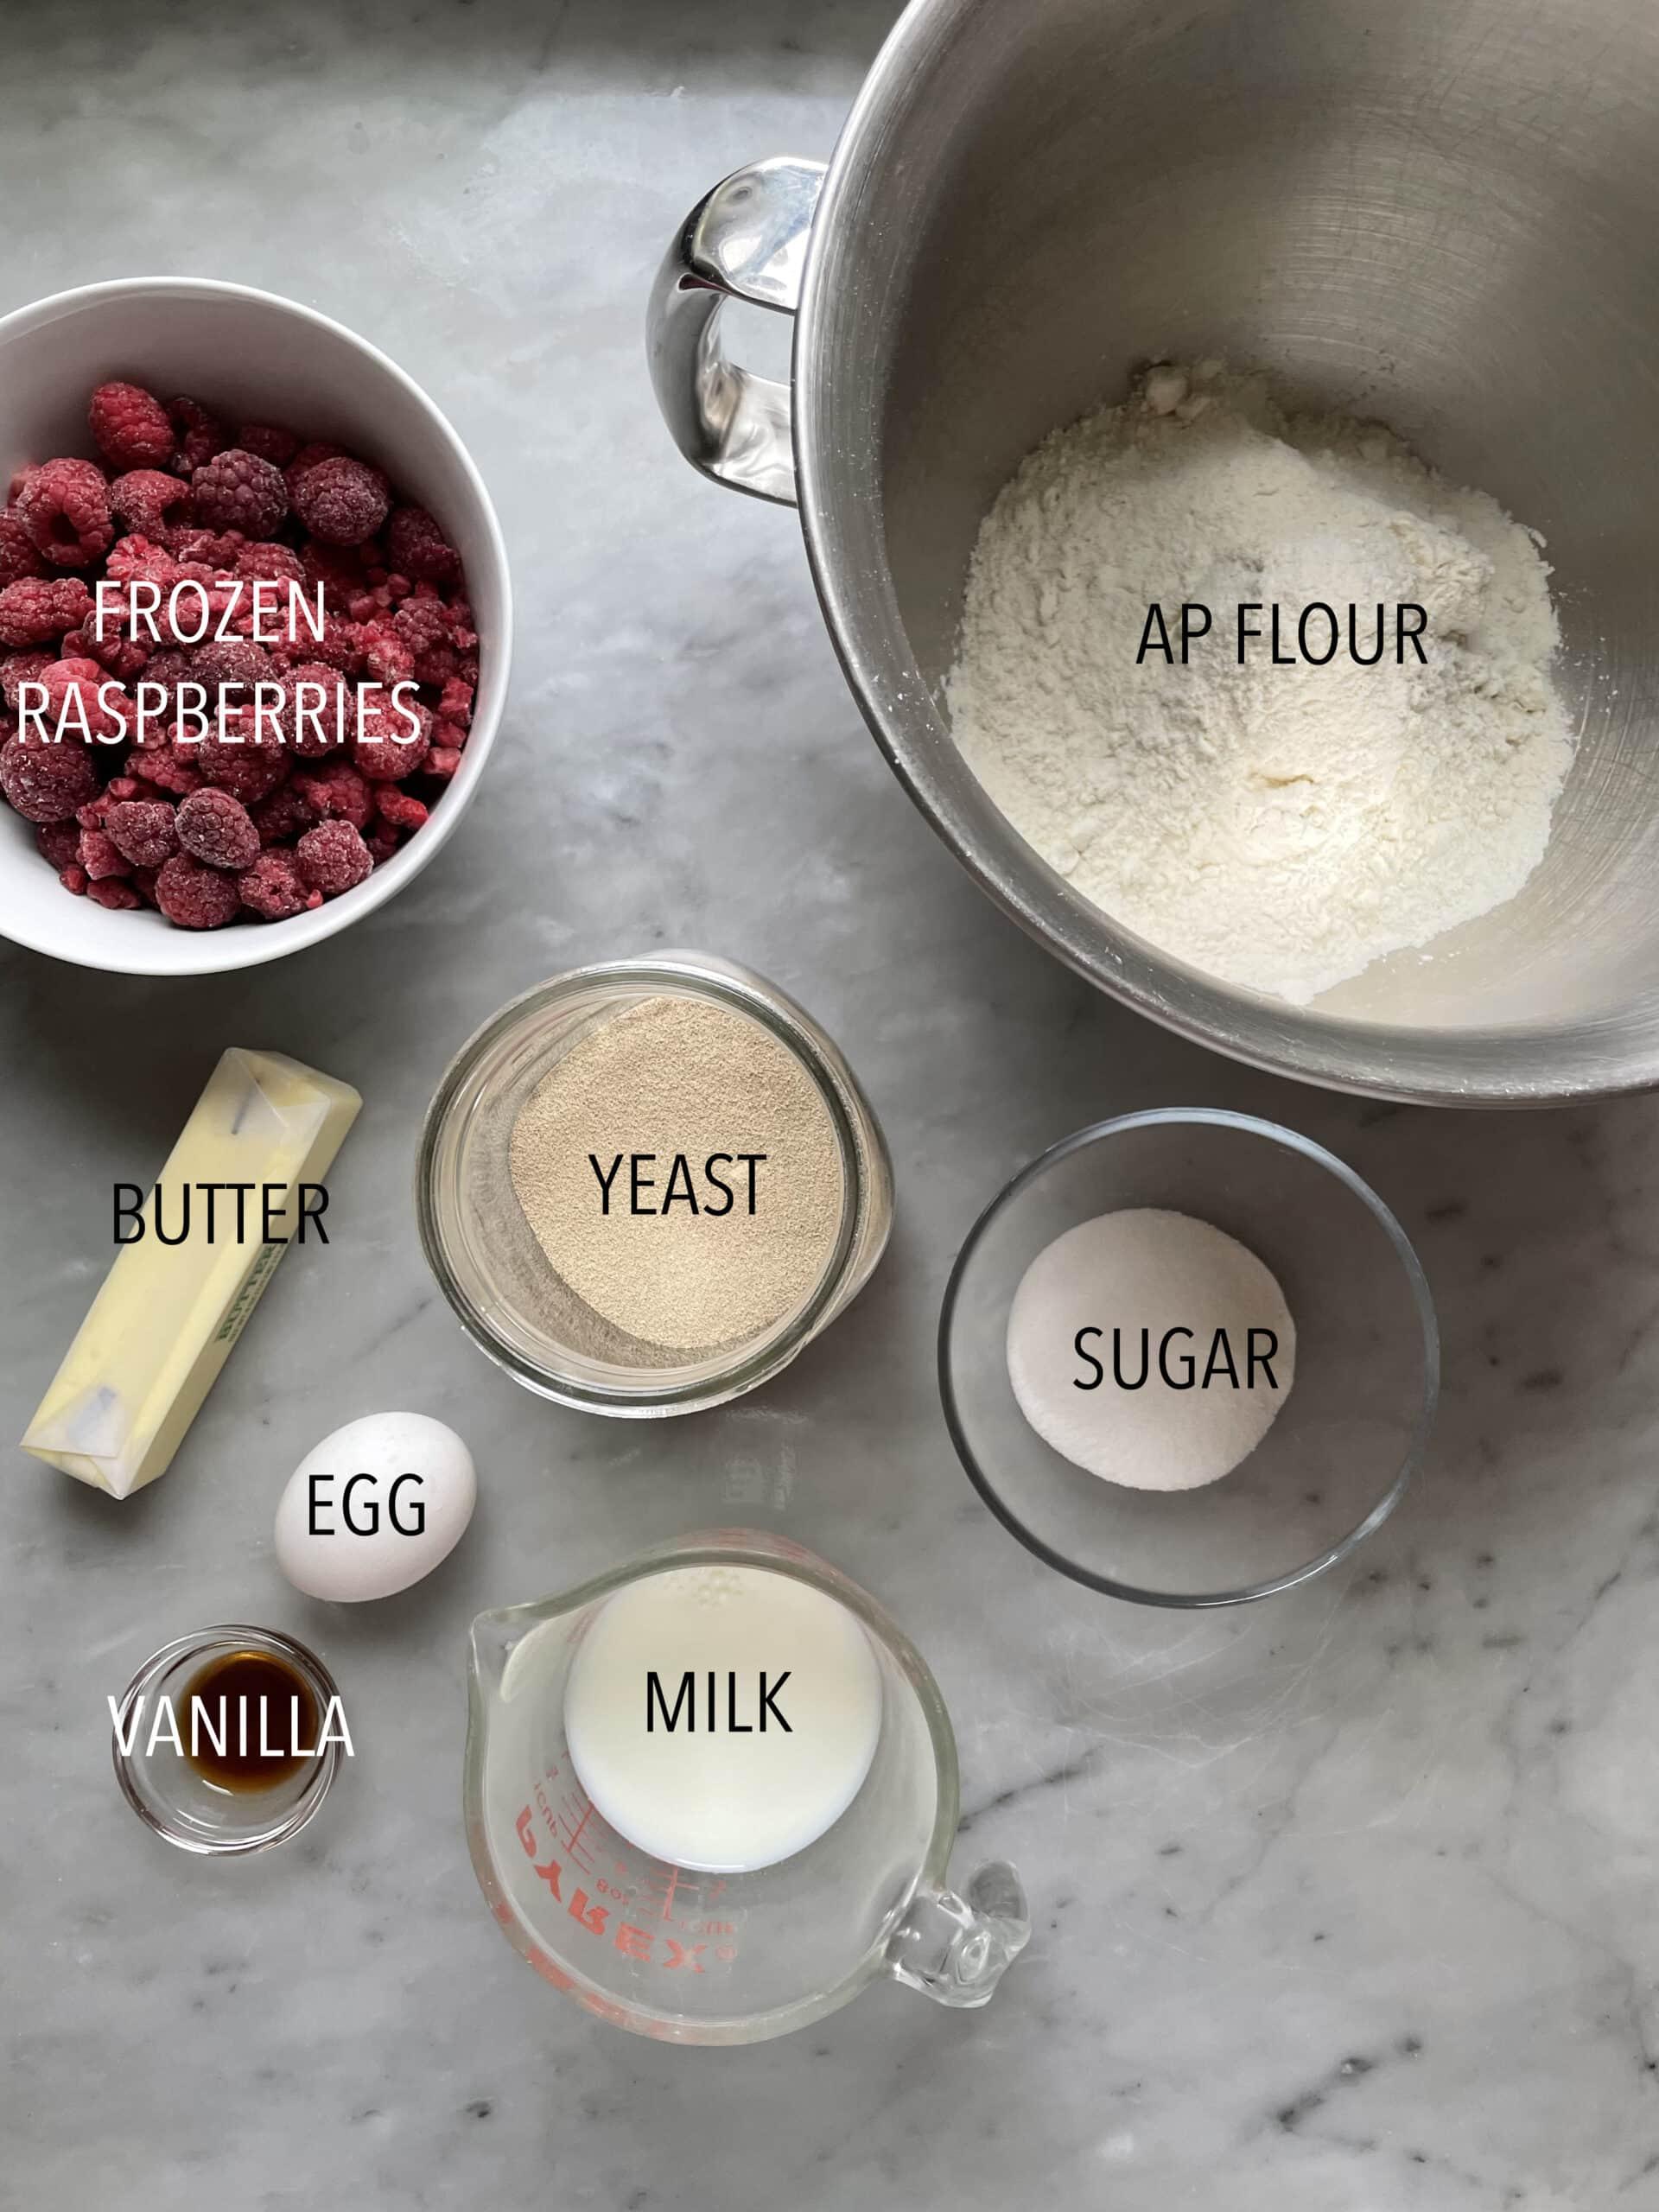 Image of himbeer schnecken ingredients